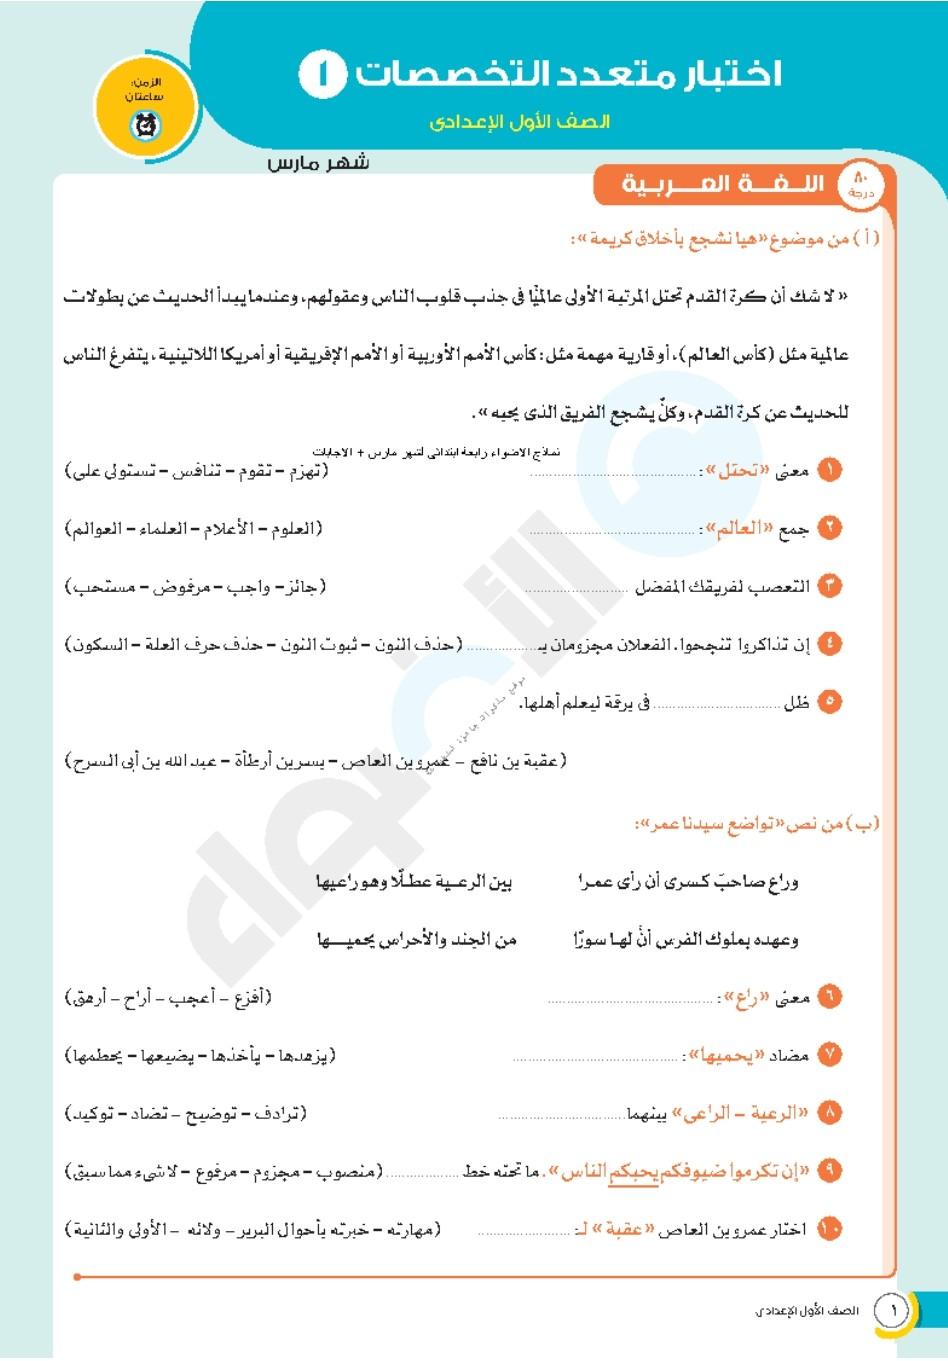 نماذج استرشادية لامتحانات الصف الأول الاعدادي